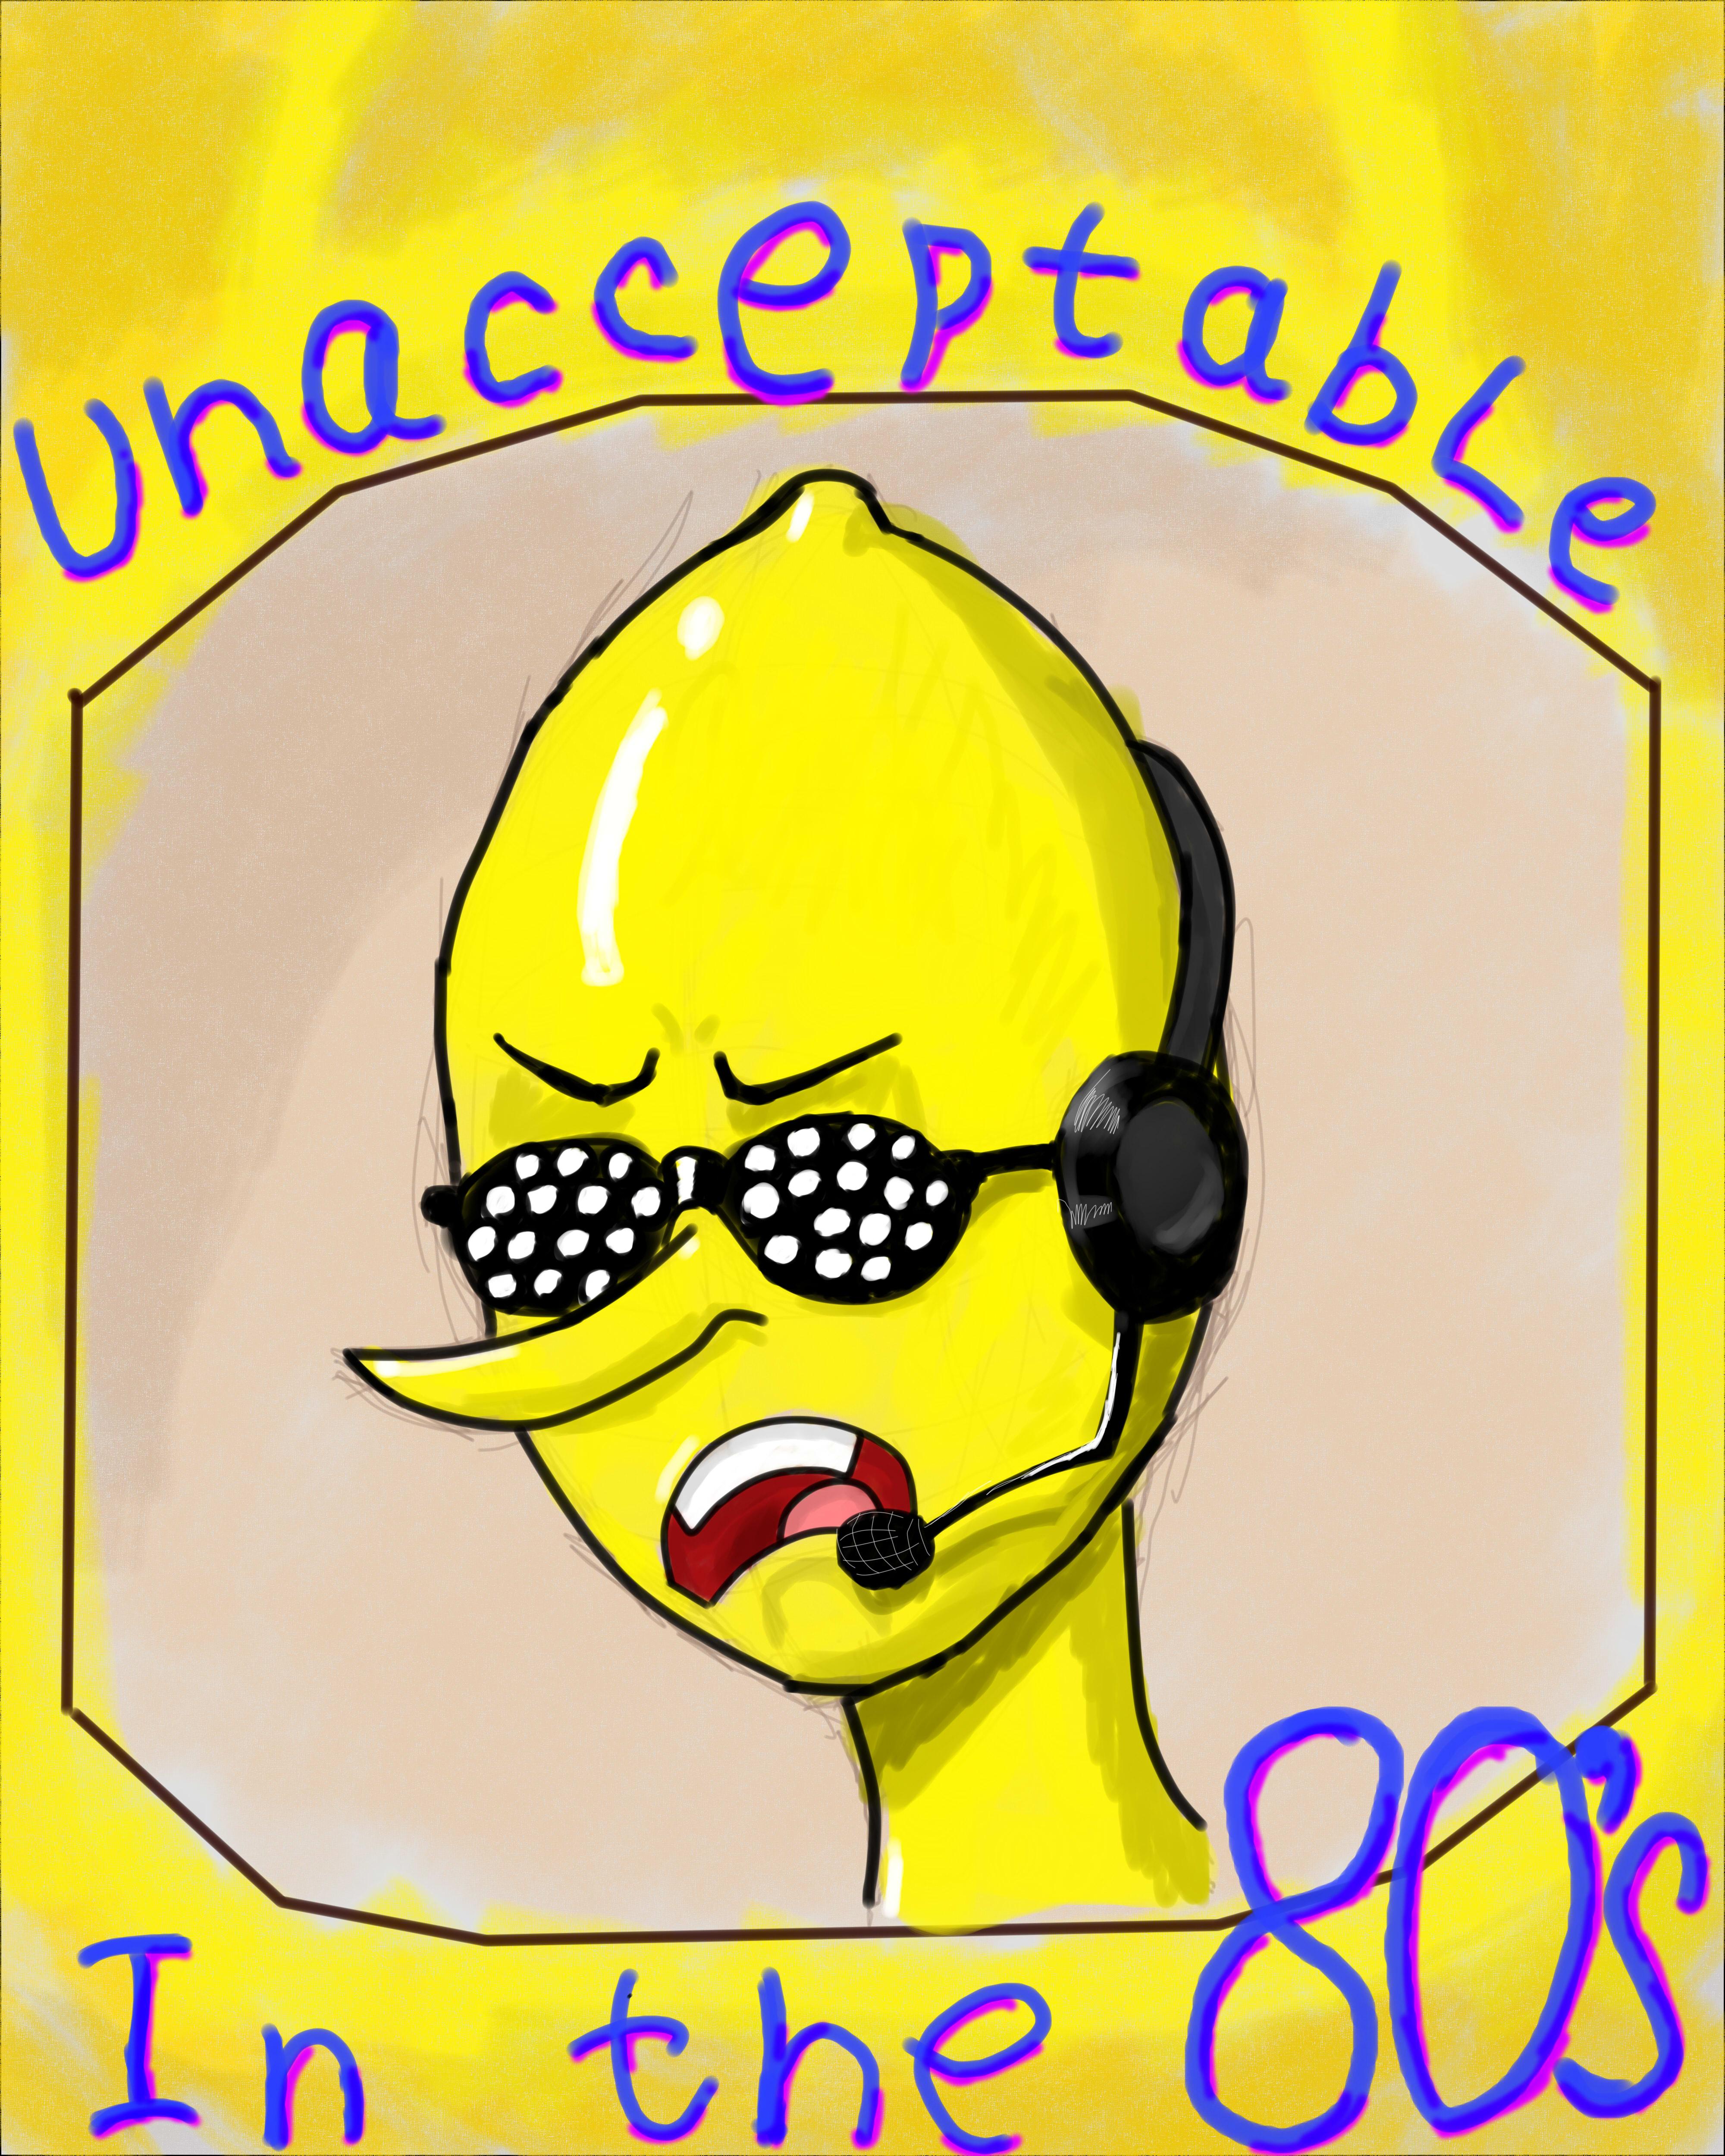 Unacceptable!